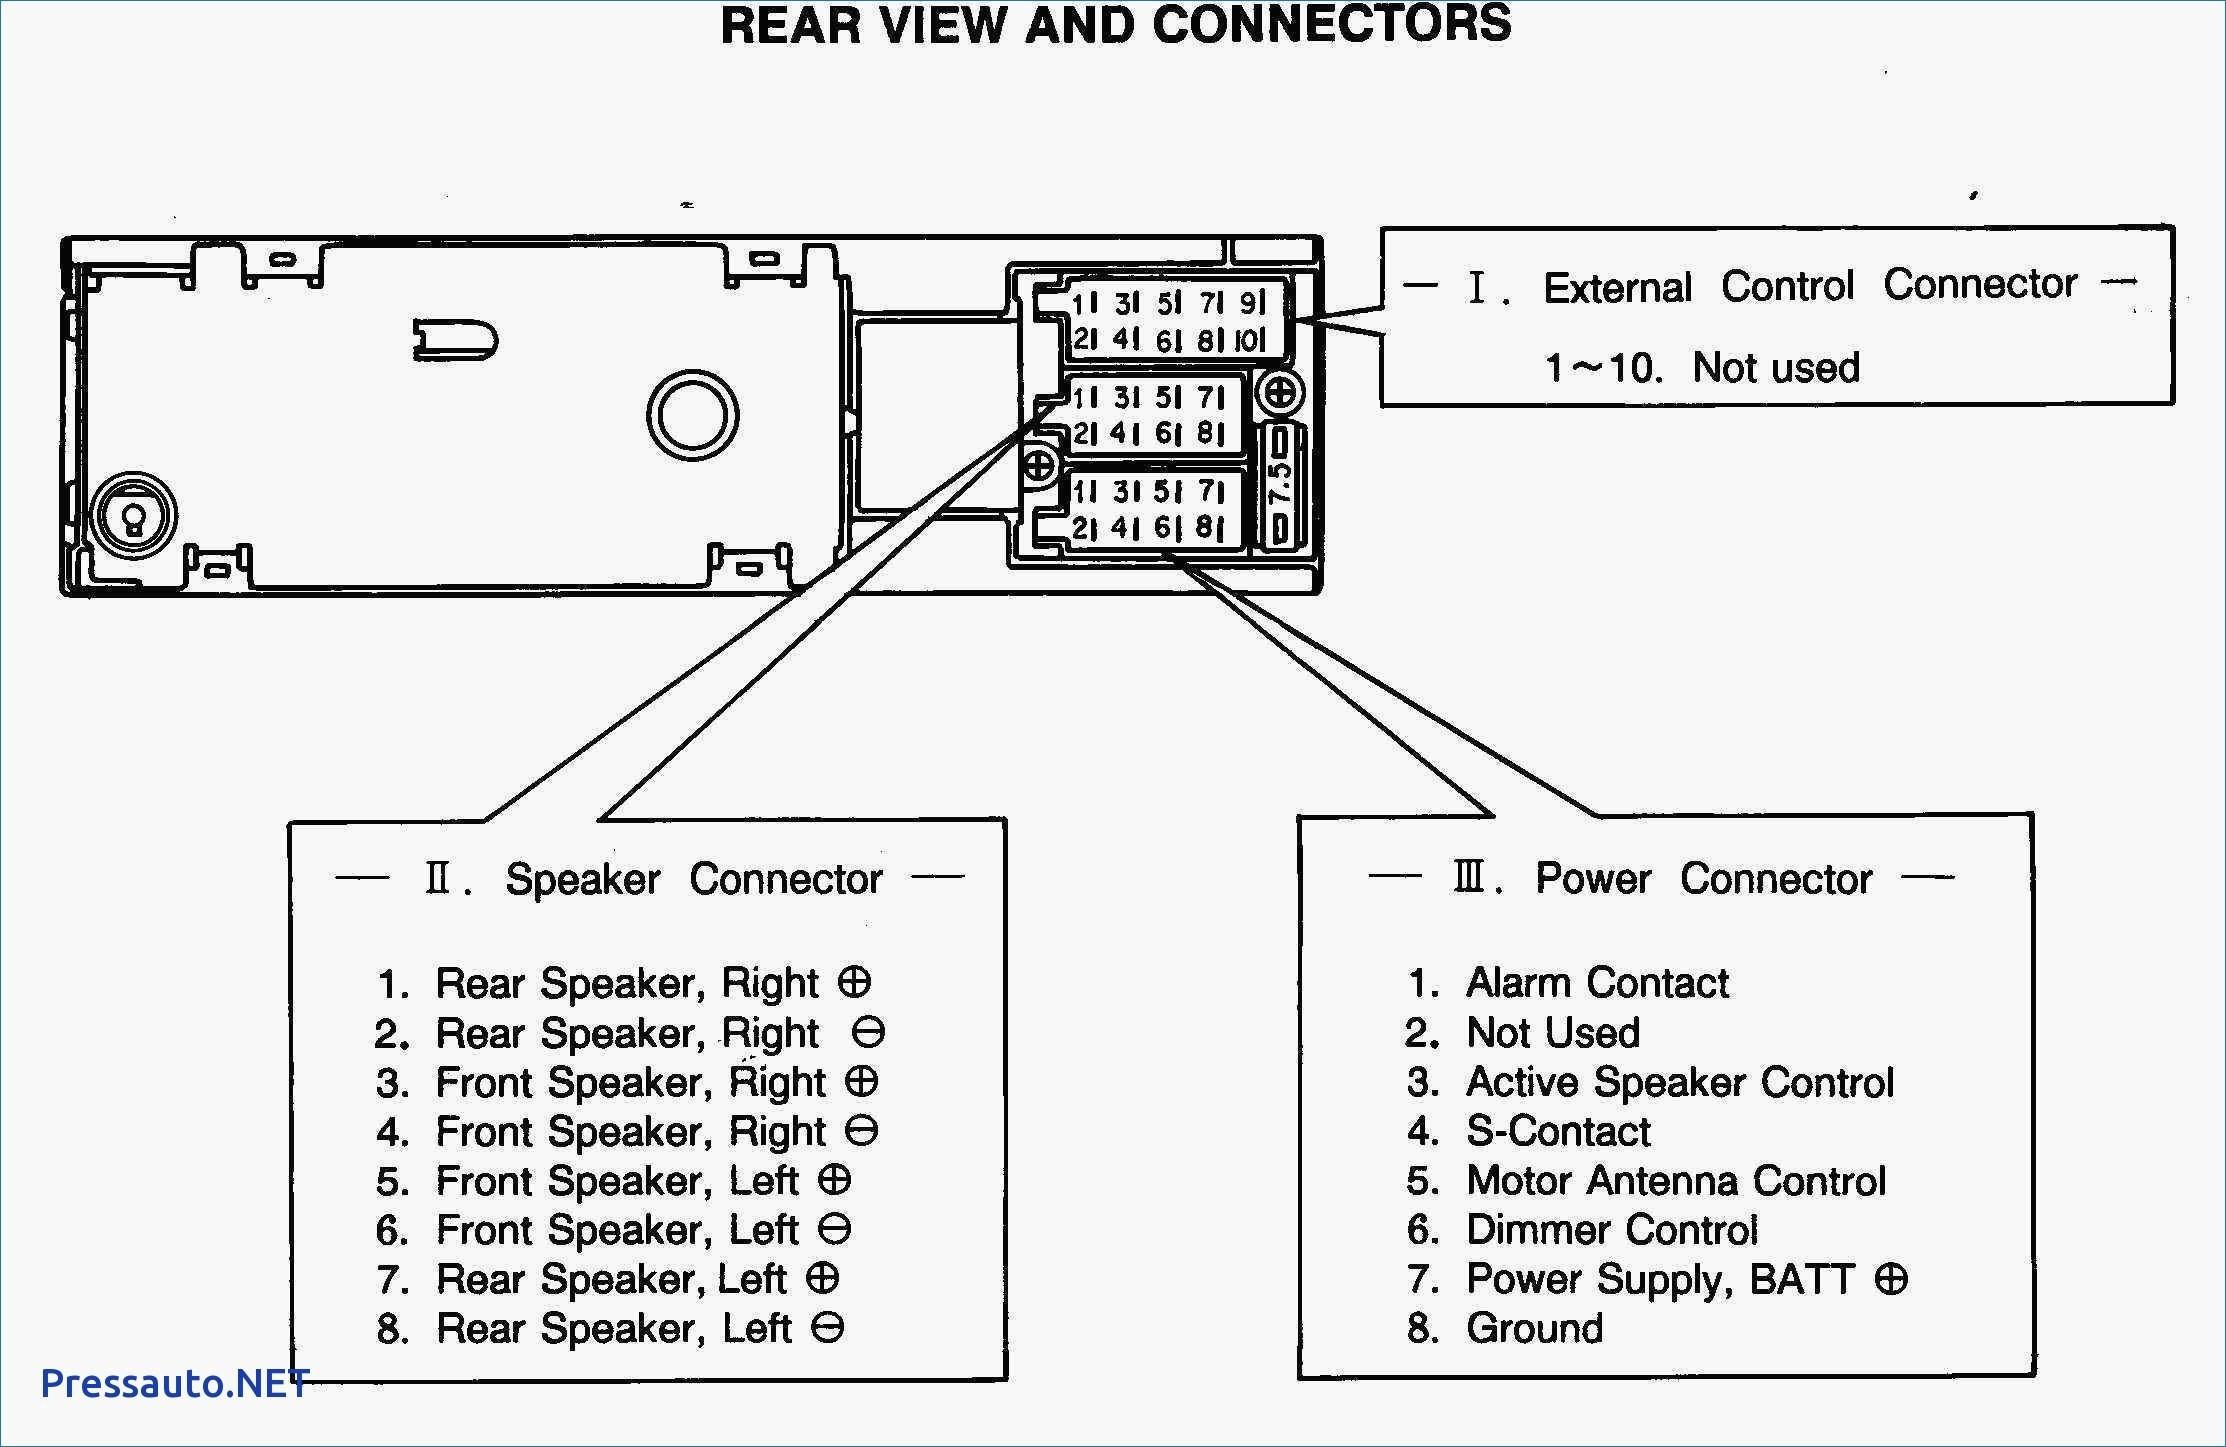 Pioneer Car Stereo Wiring Diagram Speaker Wire Diagram originalstylophone Of Pioneer Car Stereo Wiring Diagram